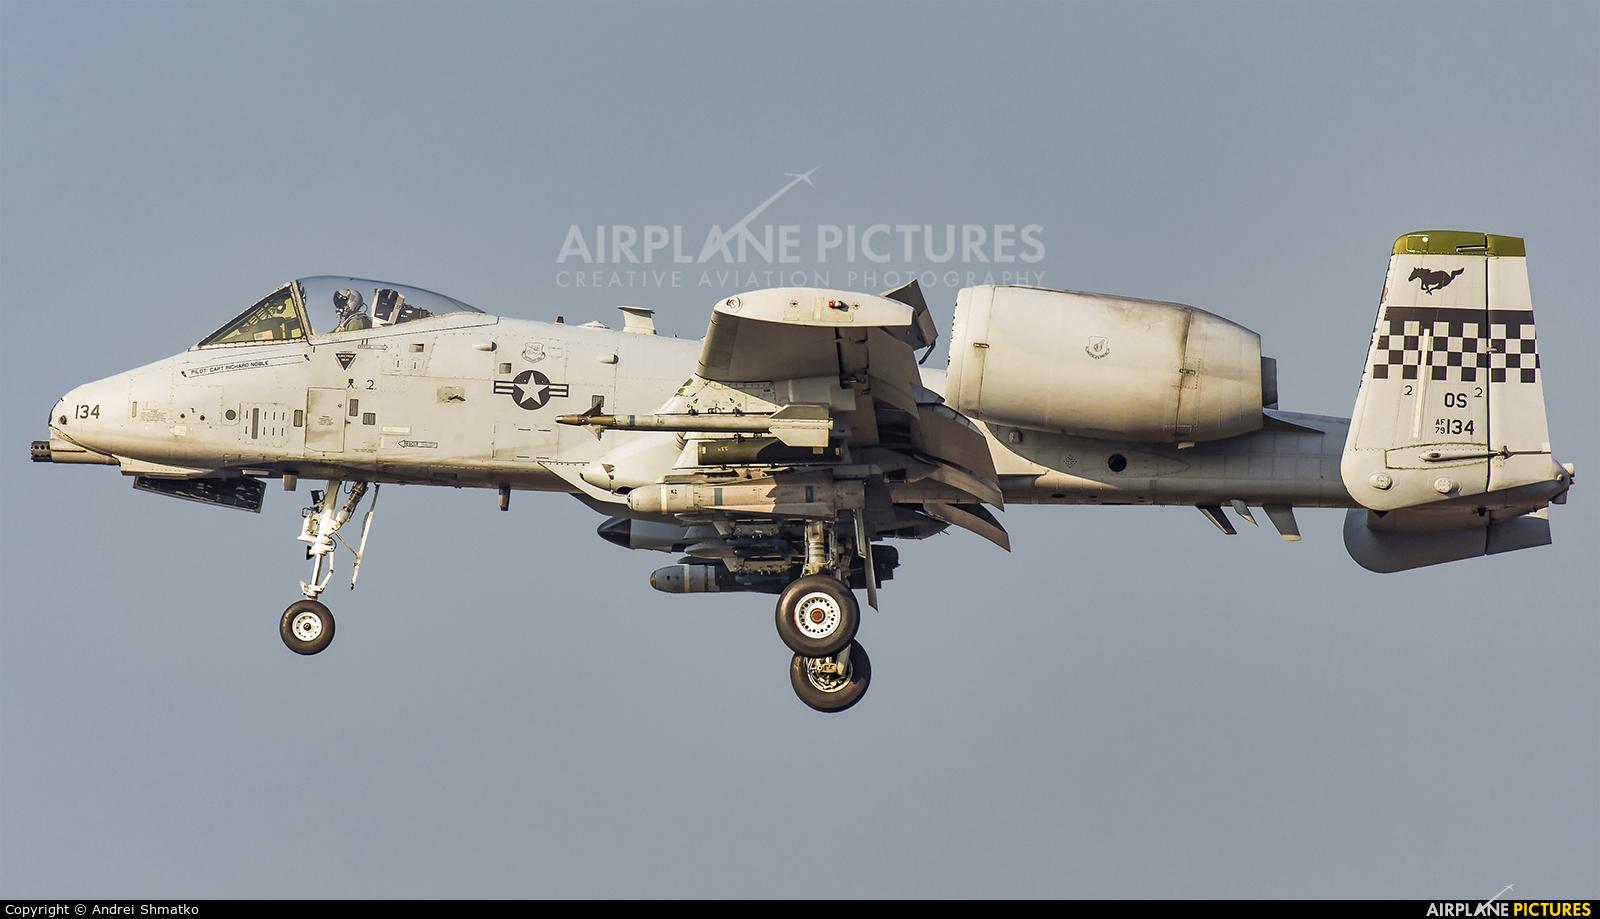 USA - Air Force 79-0134 aircraft at Osan AB